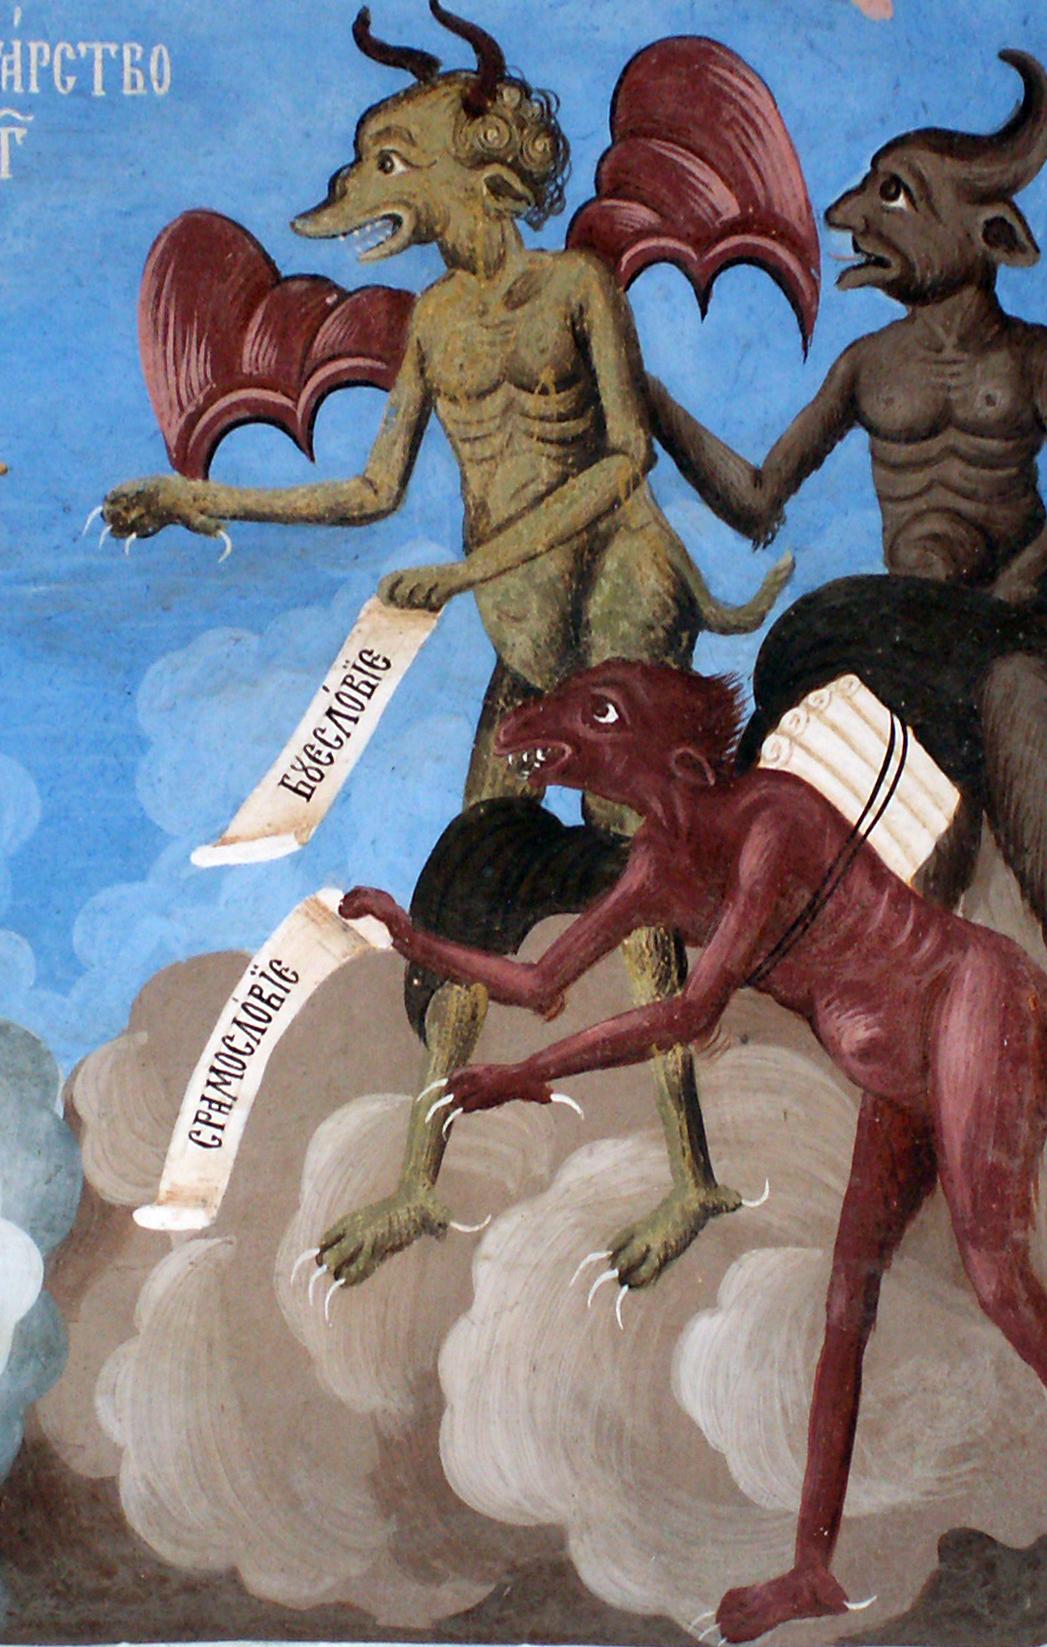 NAVER まとめ10代は読んではいけない?皮肉とブラックユーモアの大百科『悪魔の辞典』